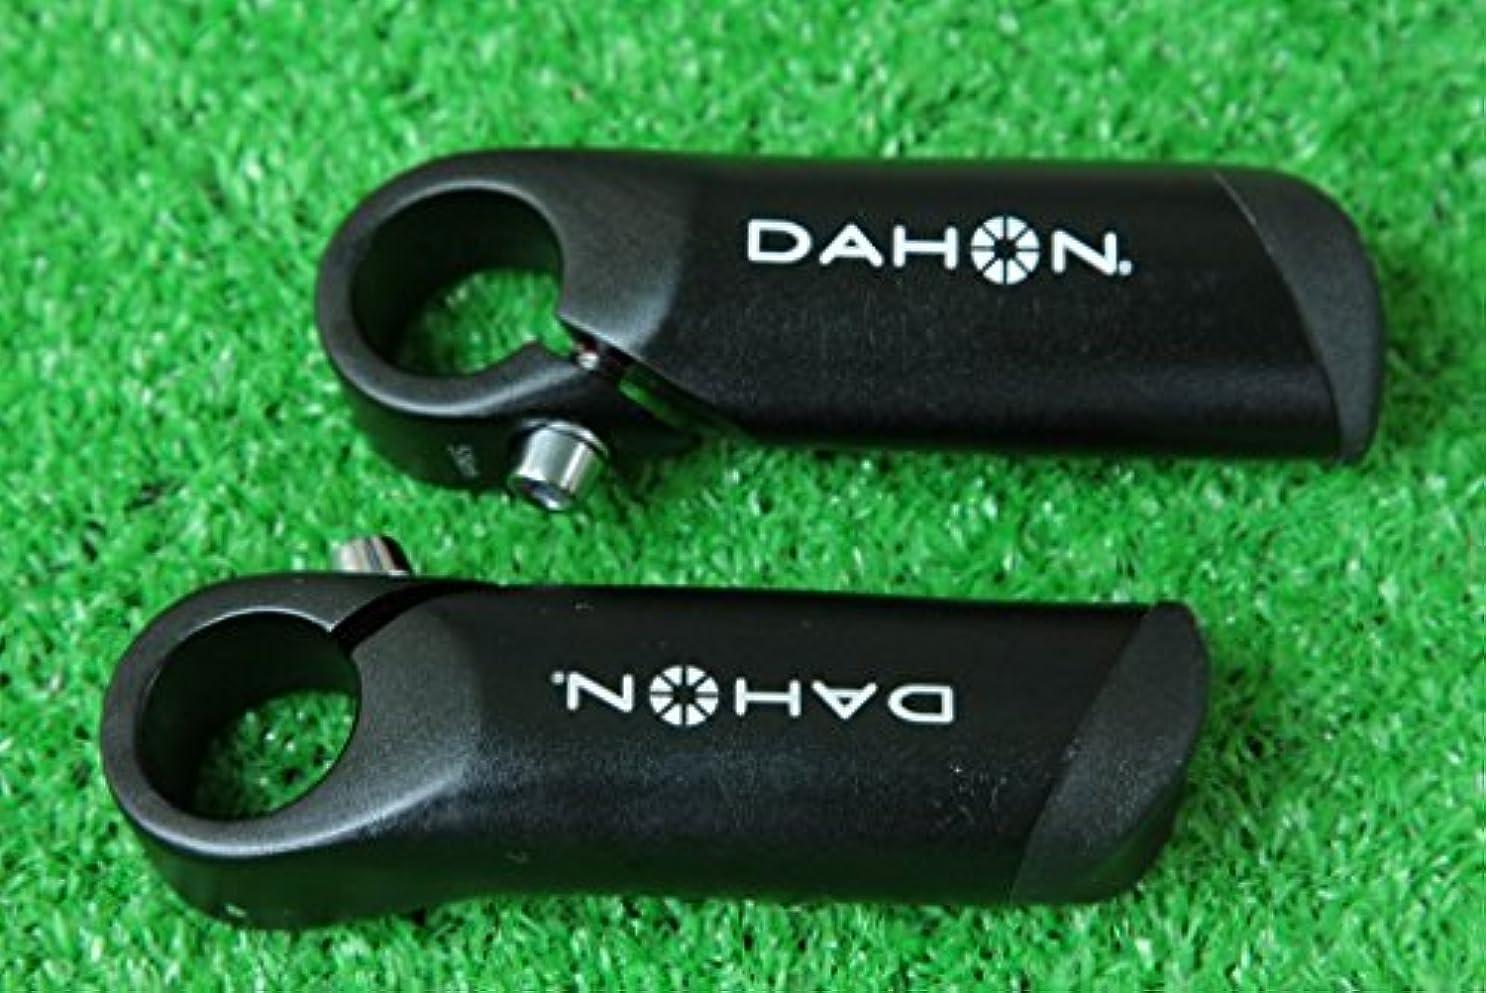 悪のずっと宙返りダホン 純正 DAHON アルミ6061 軽量 バーエンド 3D 鍛造 Φ22.2mm ブラック